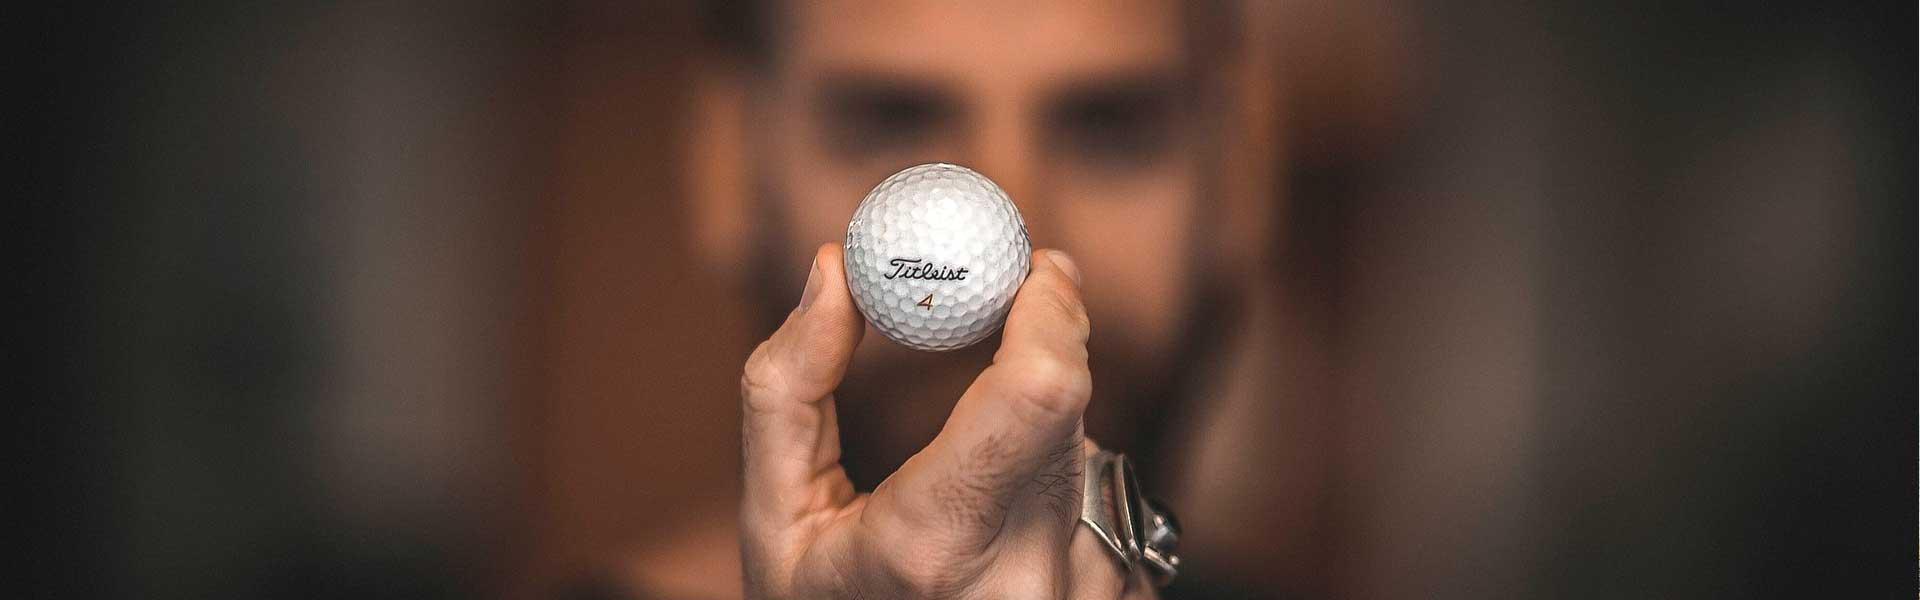 cuerpo golf